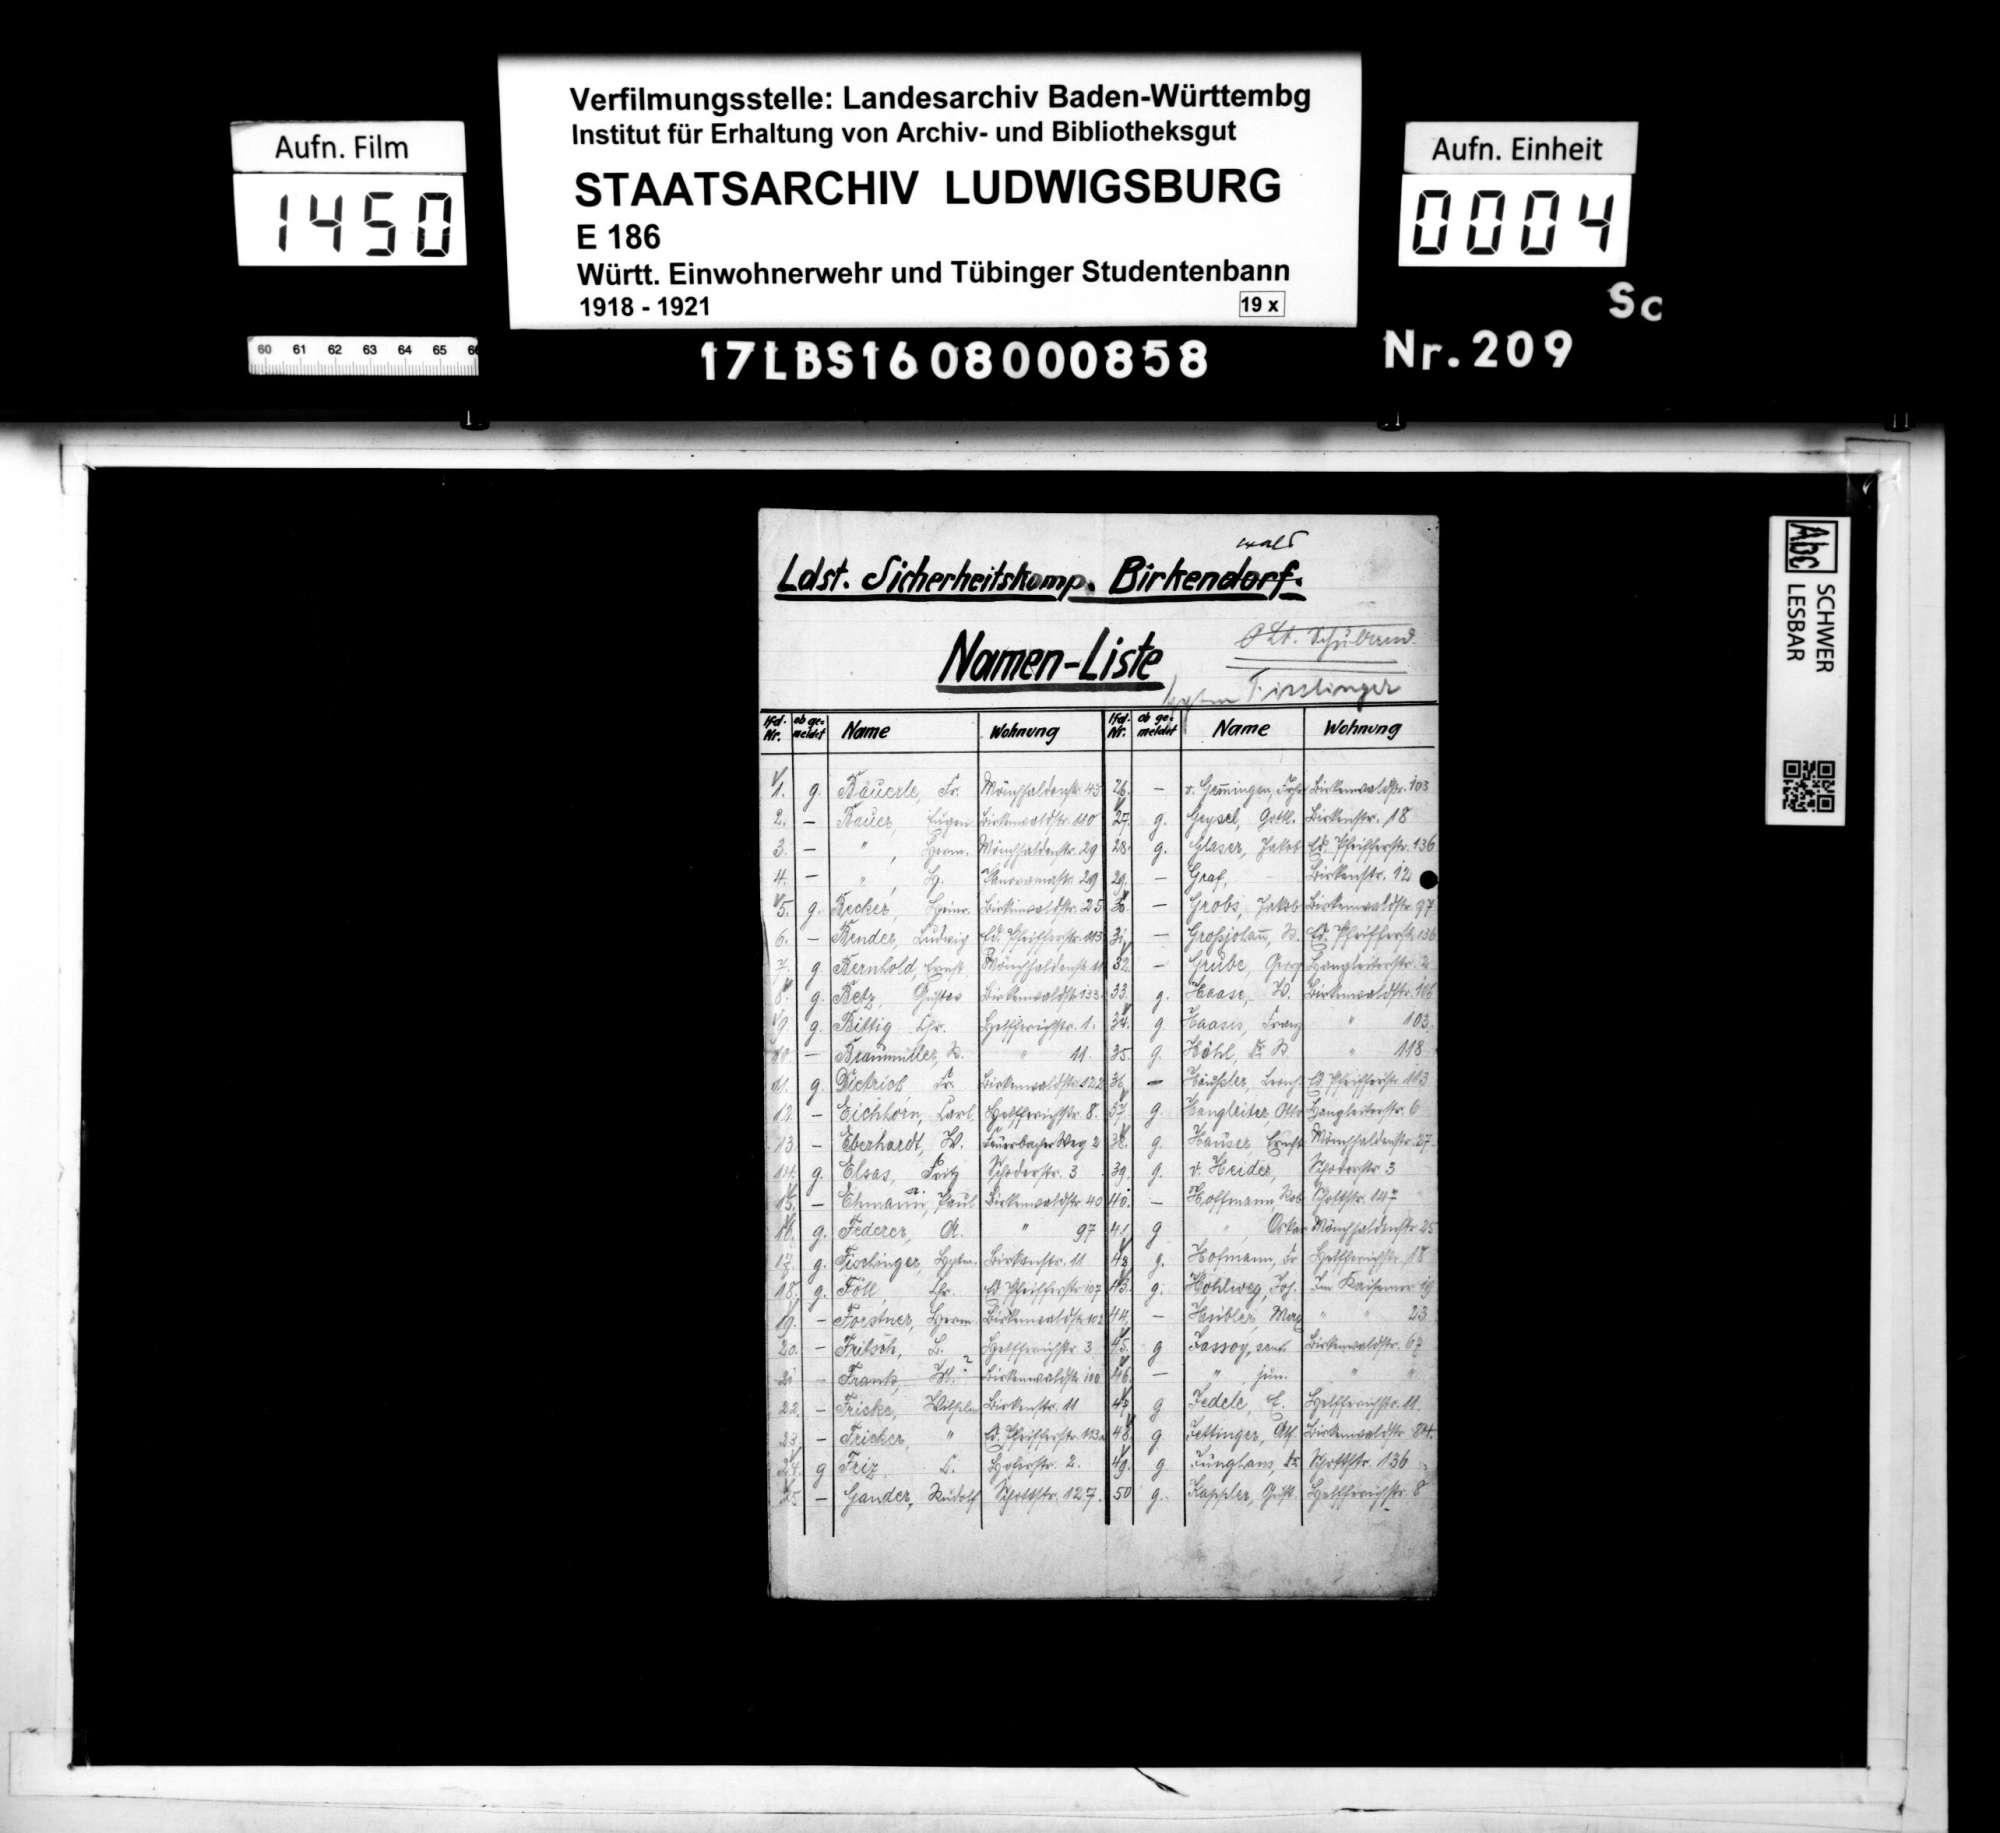 Bann 7/Schar 2 (Birkenwald): Namenslisten mit Materialausgabequittungen, Bild 2